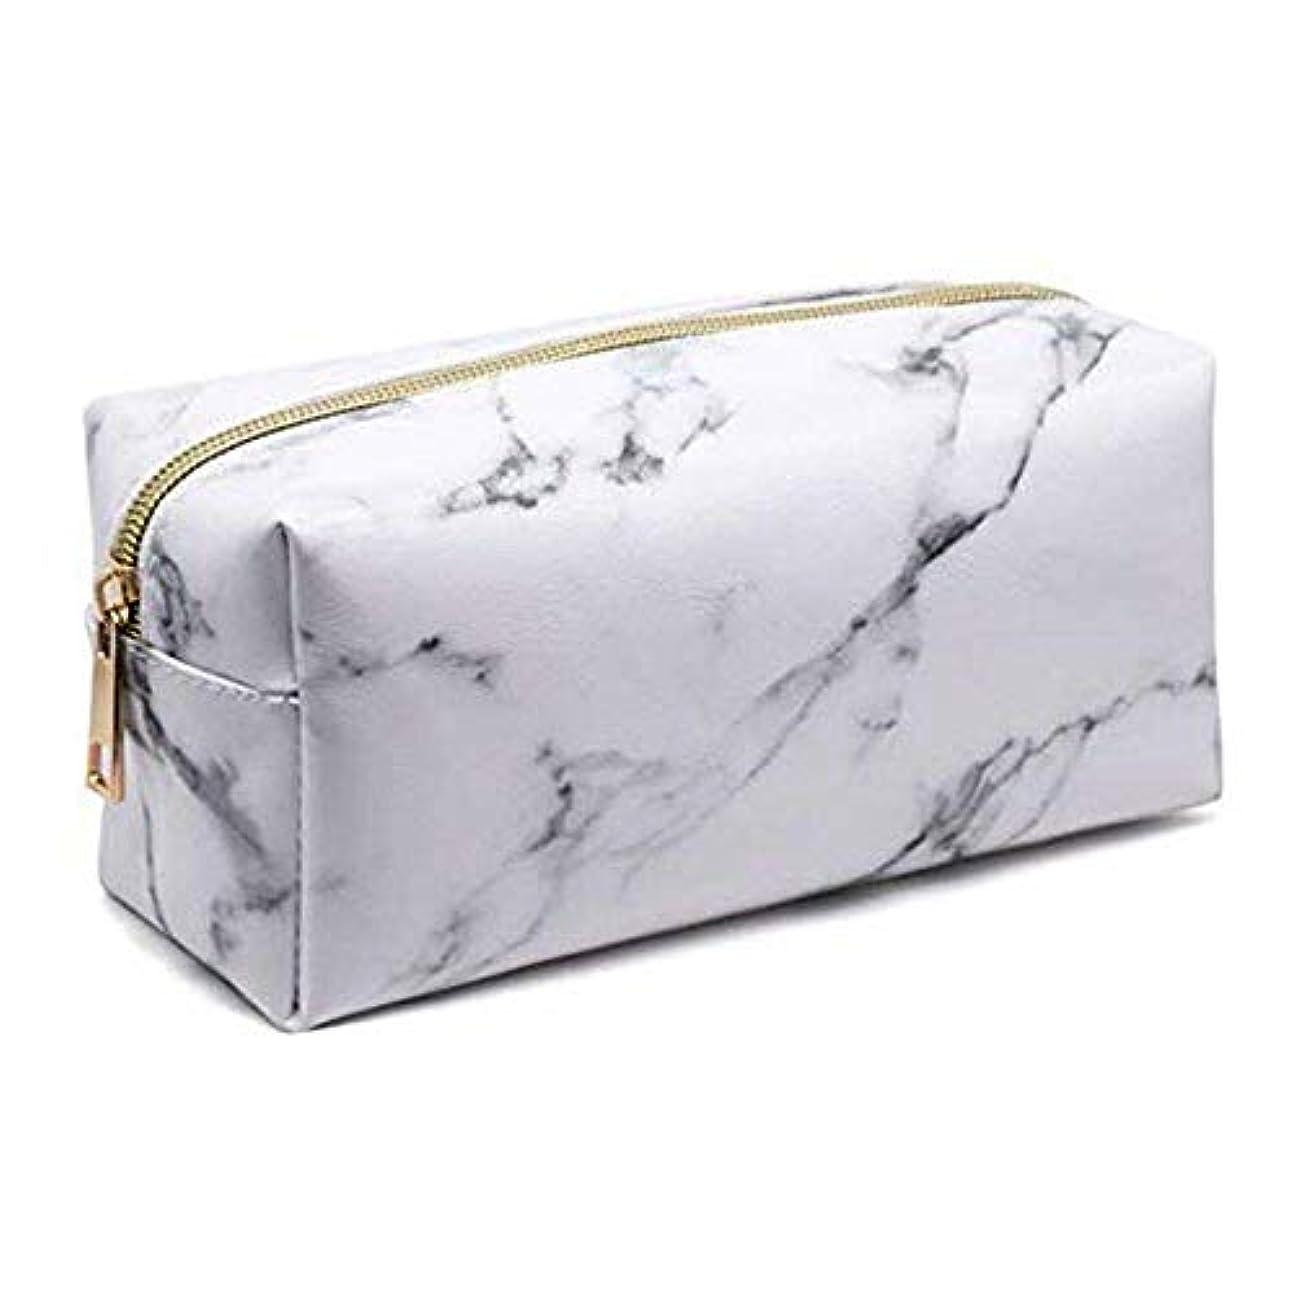 表向きパフツールPichidr-JP 化粧品袋化粧品袋ゴールドジッパー旅行ウォッシュバッグ化粧品収納袋付き屋外